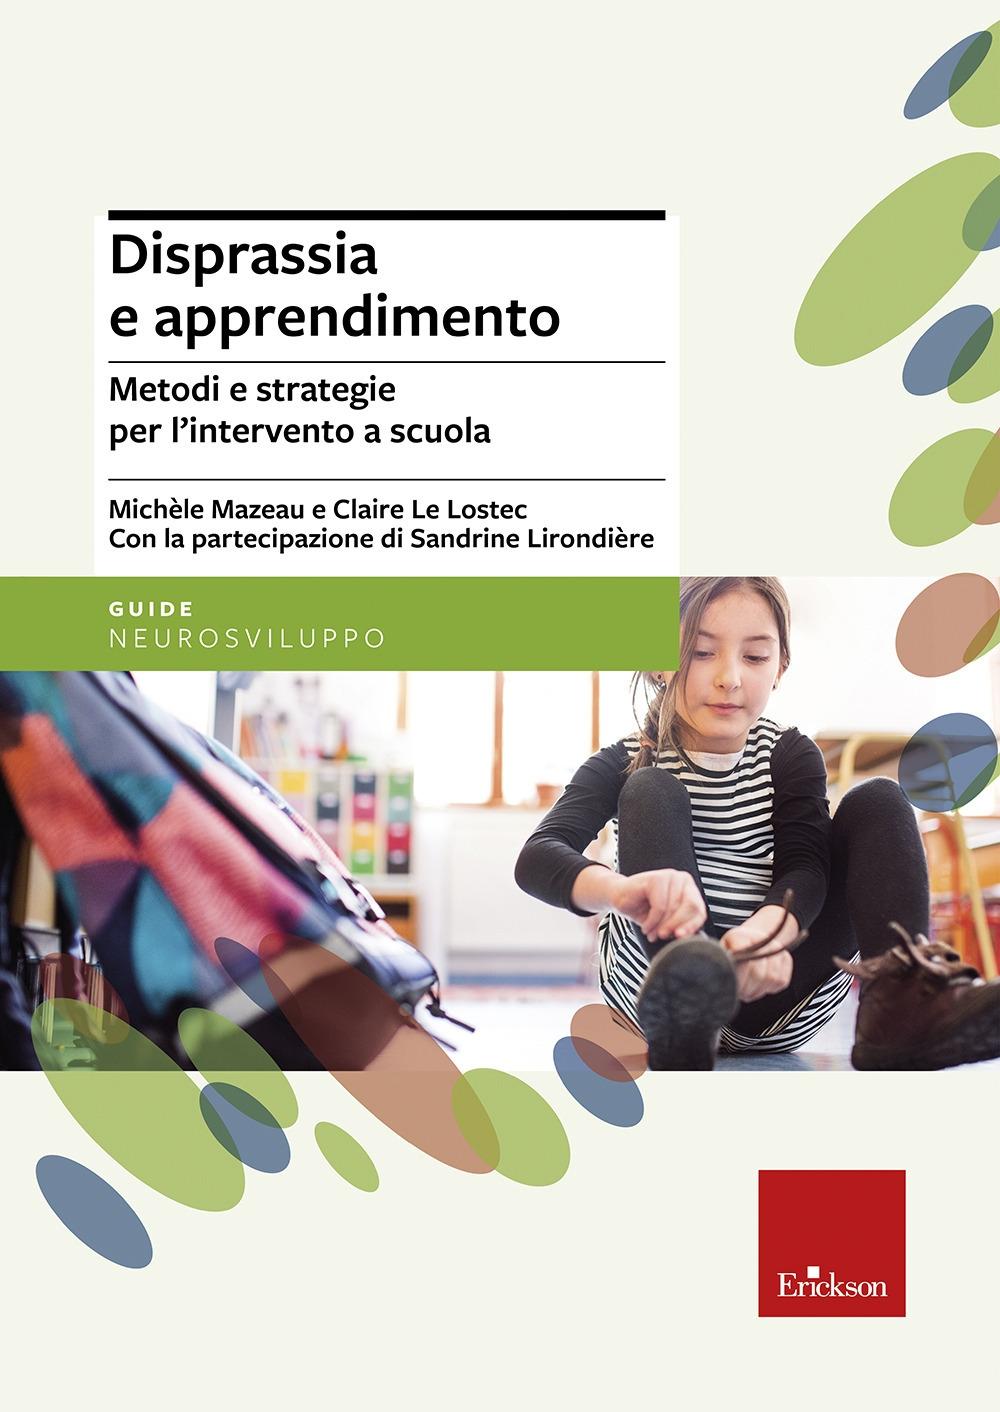 Disprassia e apprendimento. Metodi e strategie per l'intervento a scuola.